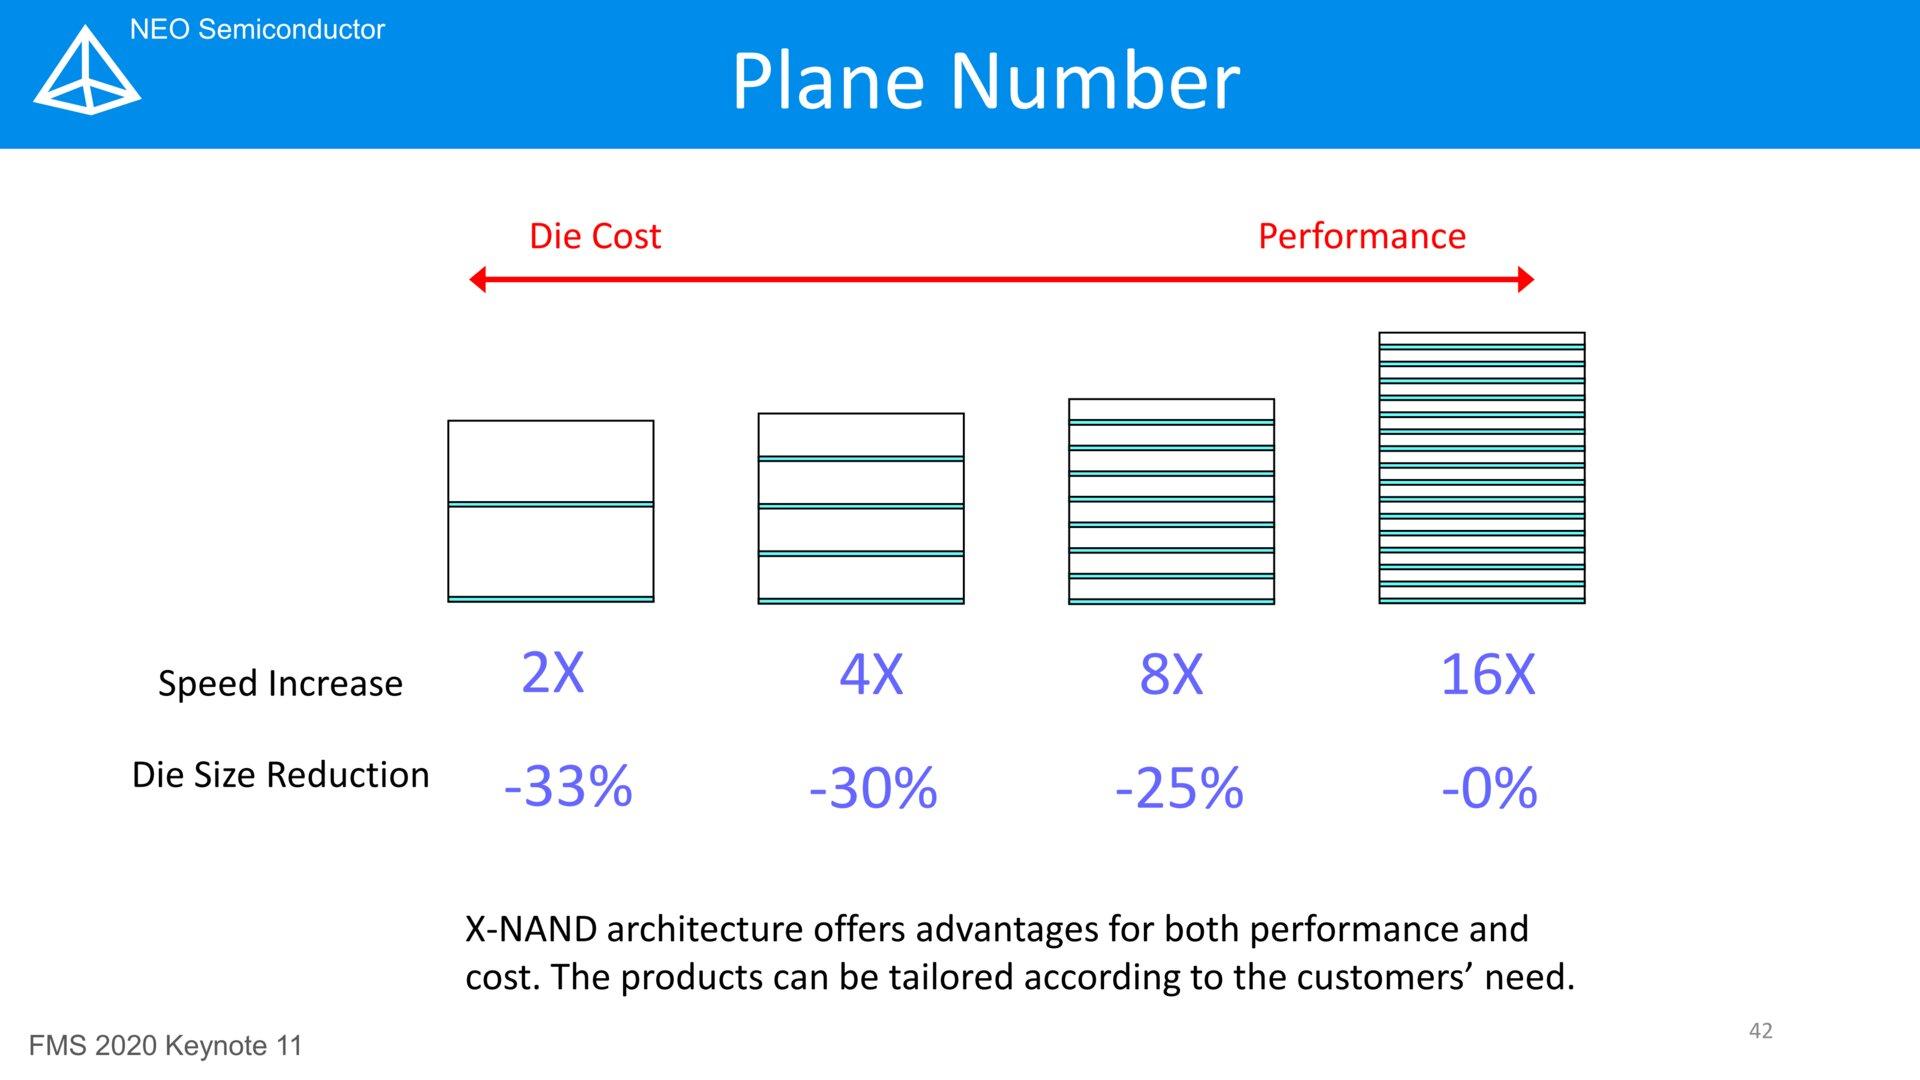 Kleinerer Leistungssprung mit weniger Planes zum kleineren Preis